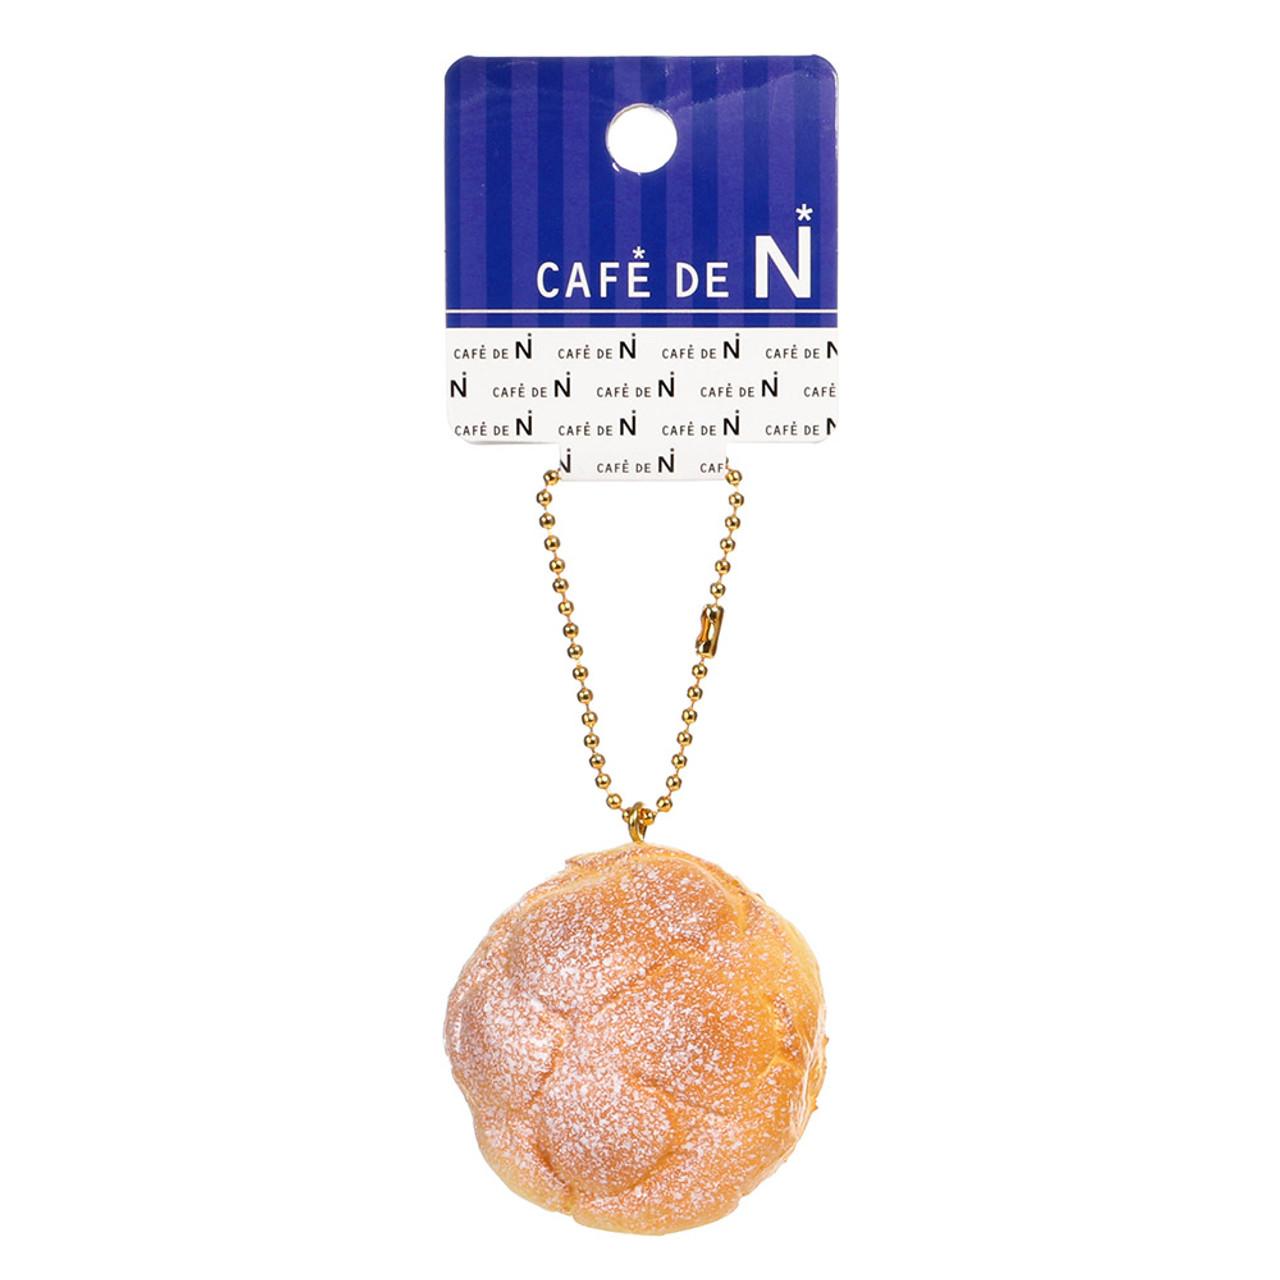 Café De N Custard Cream Puff Dessert Squishy Toy Cellphone Charm ( Tag View )